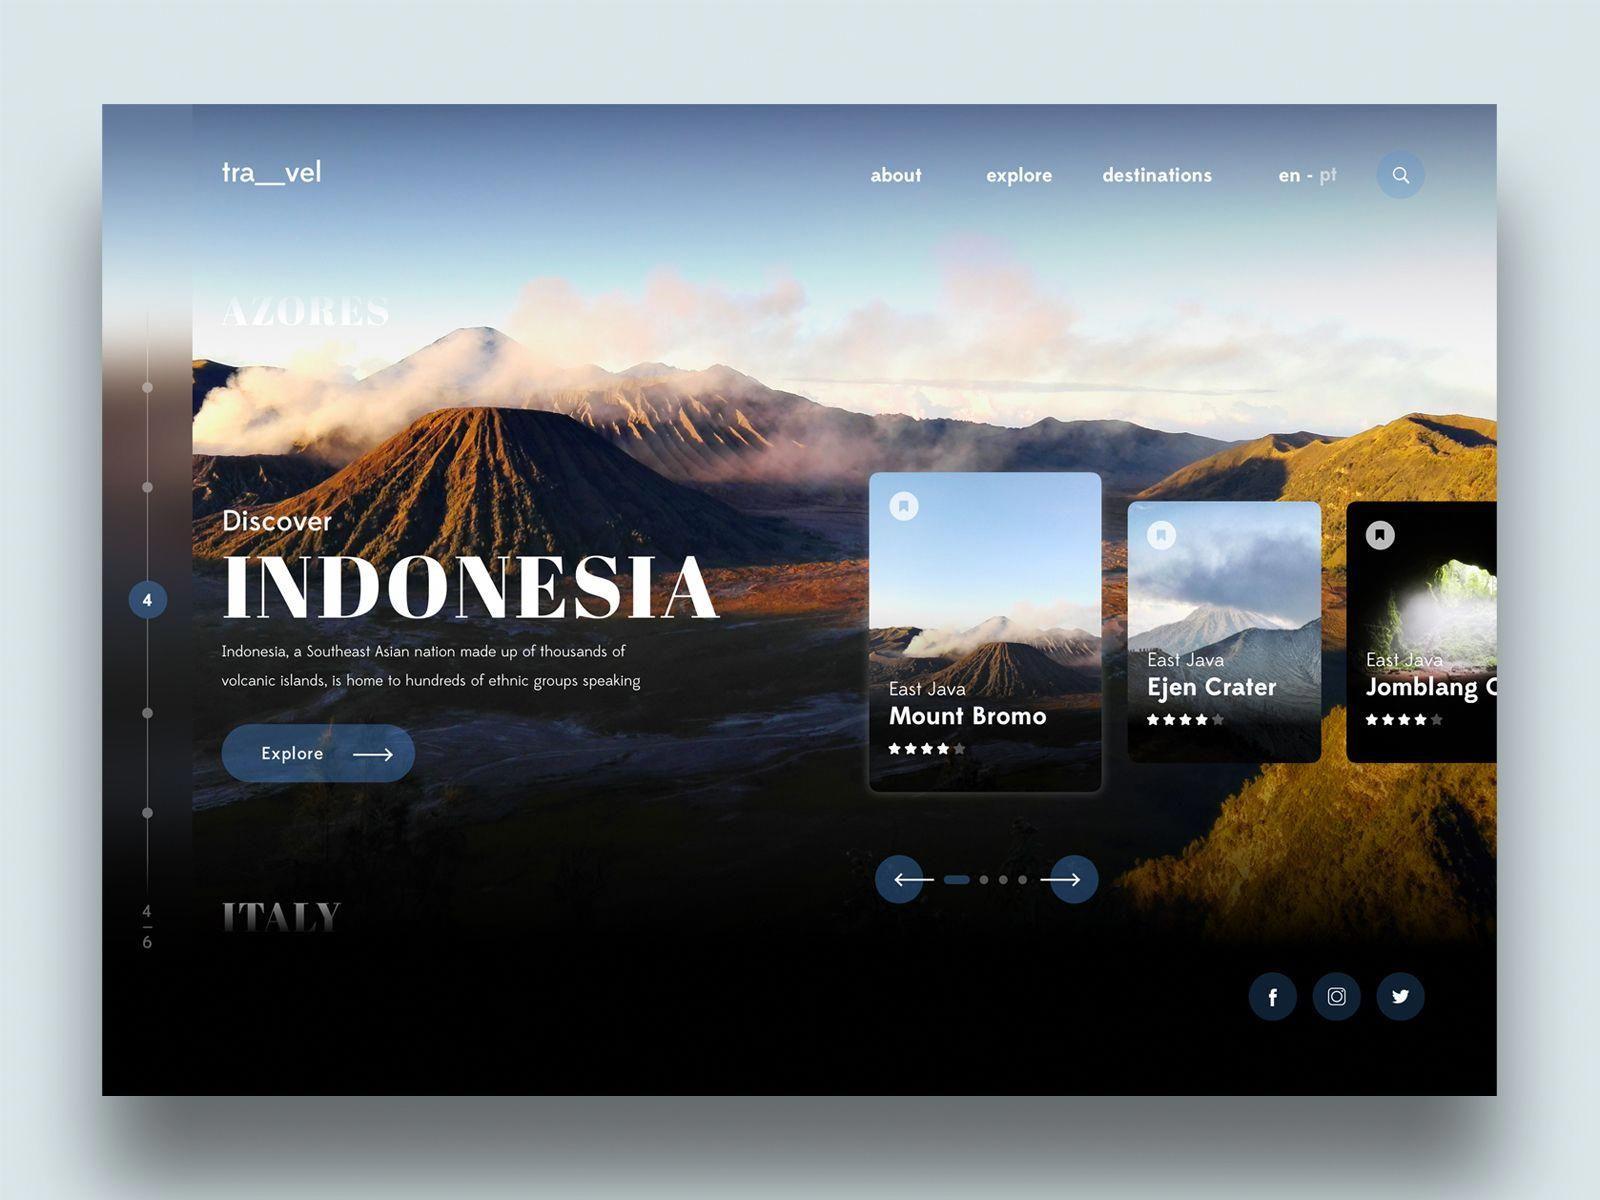 Indo 4x #TravelDesign